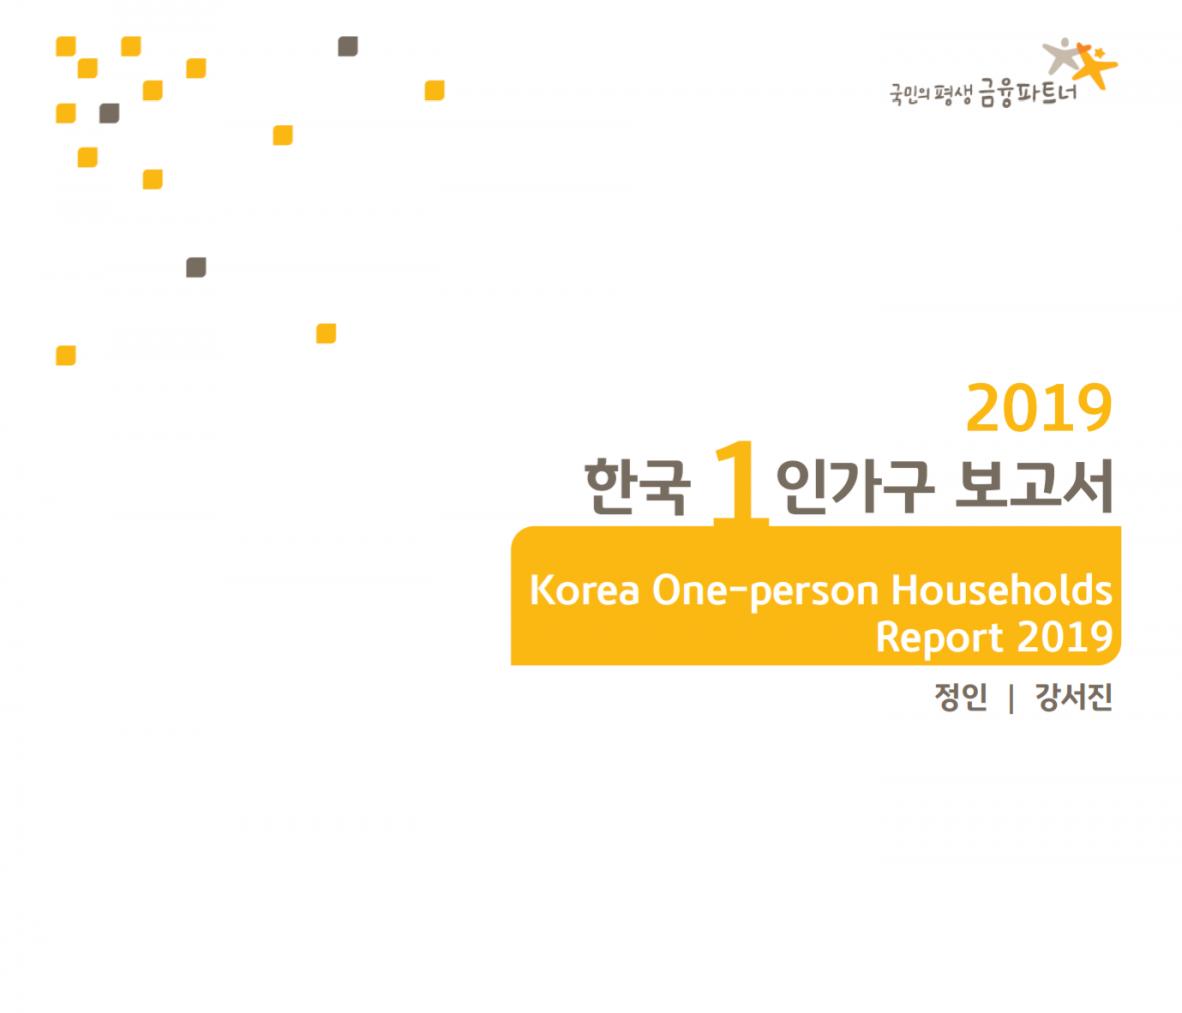 2019 한국 1인가구 보고서